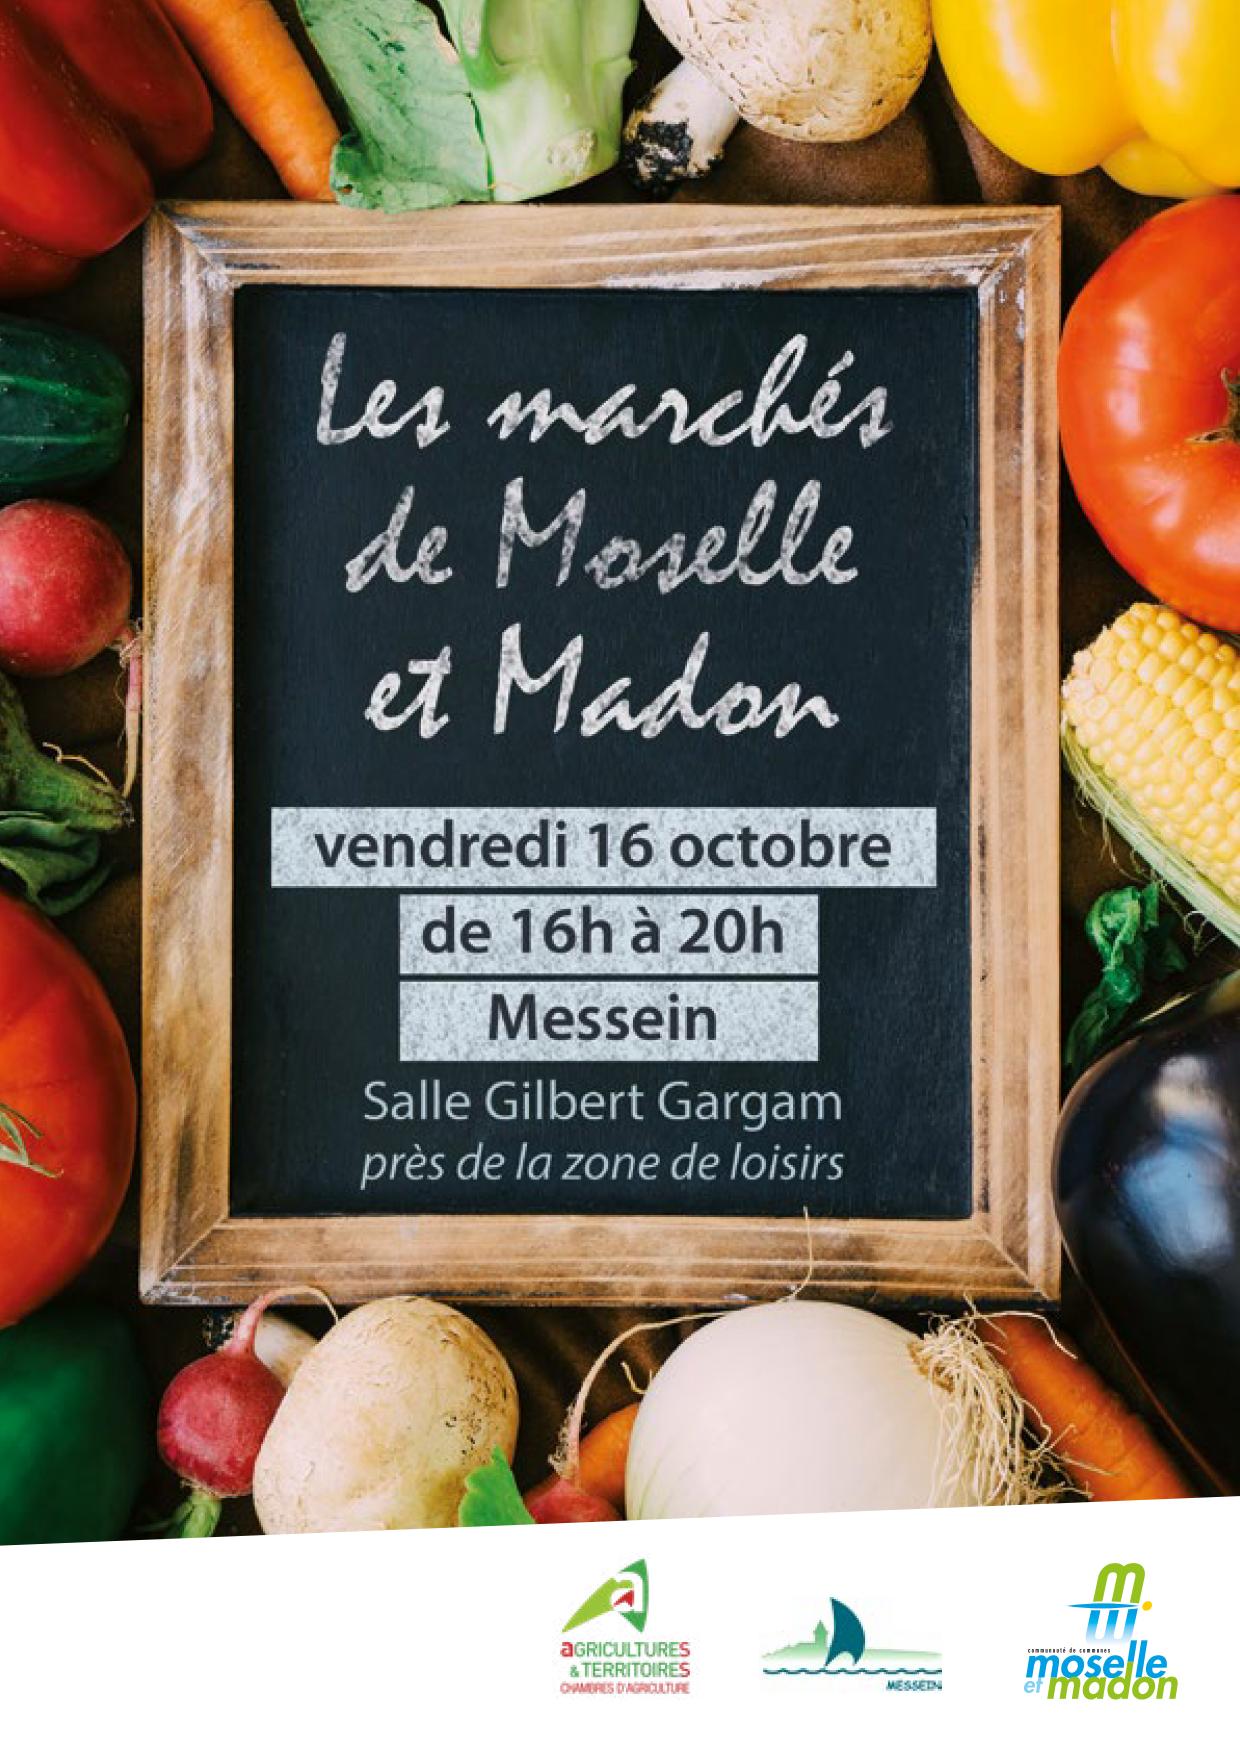 Premier marché des producteurs locaux de Moselle & Madon